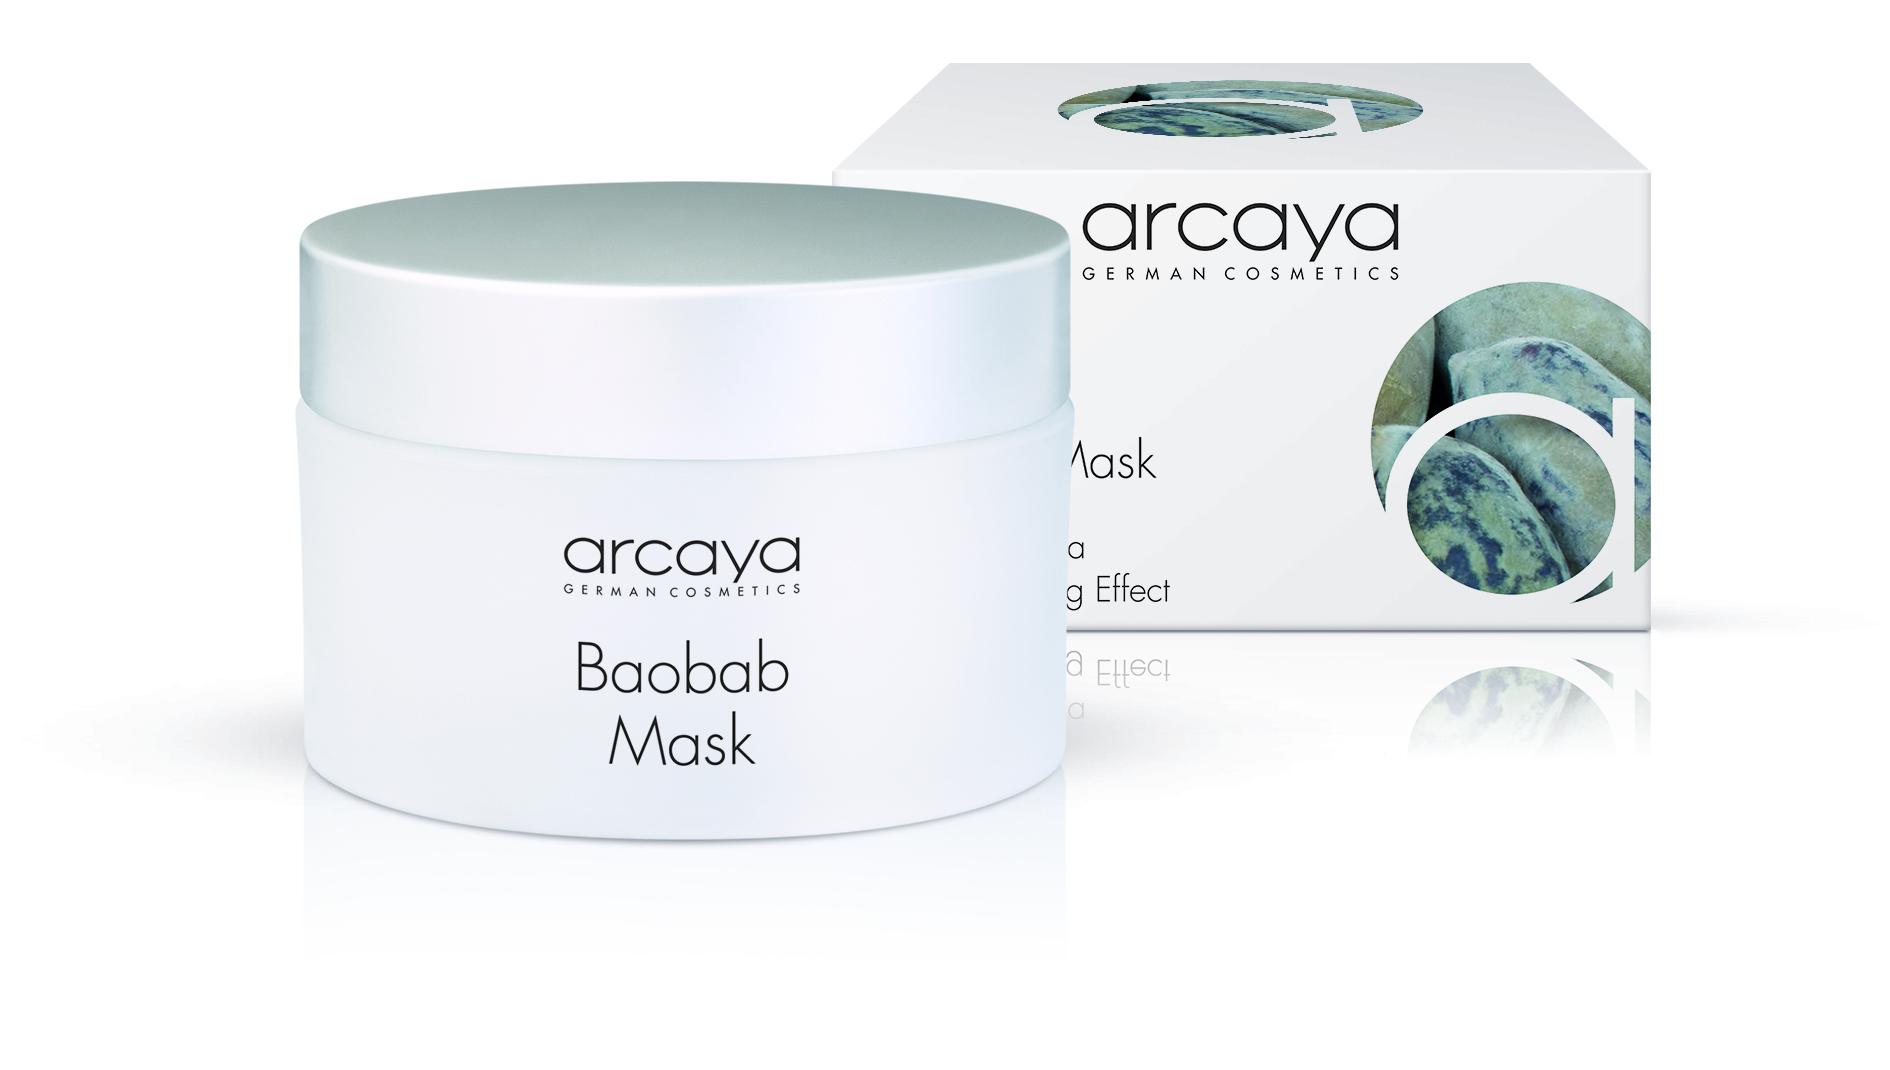 Питательная экспресс-маска Baobab Mask Arcaya, 6600 р.